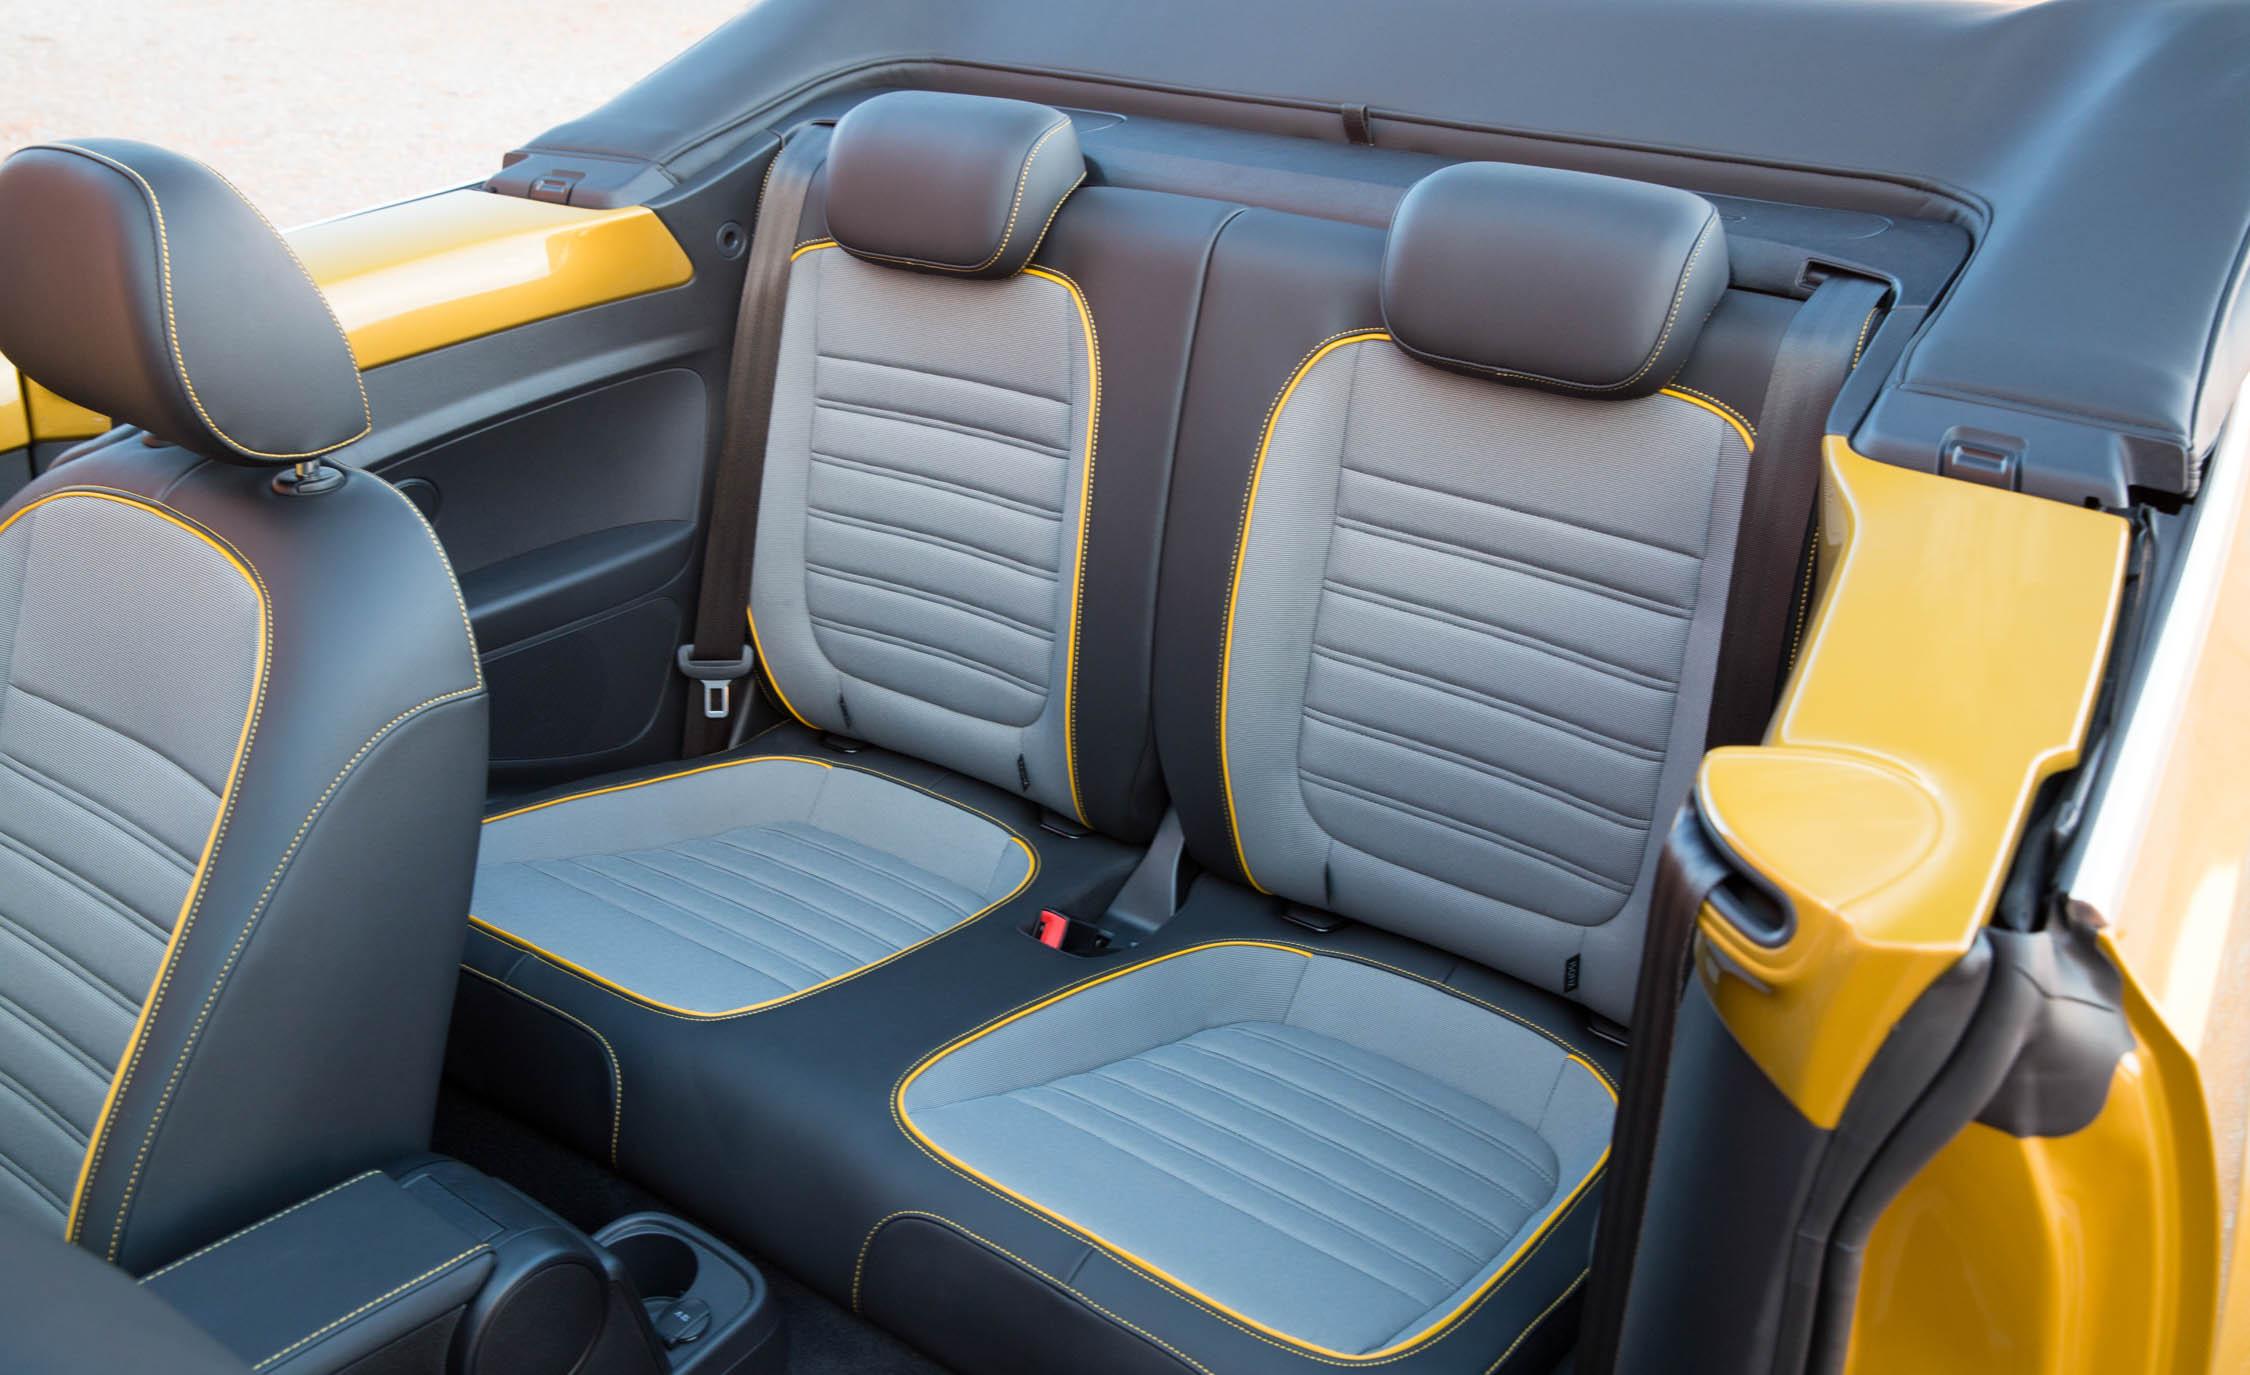 2016 Volkswagen Beetle Dune Interior Rear Seats (View 9 of 32)